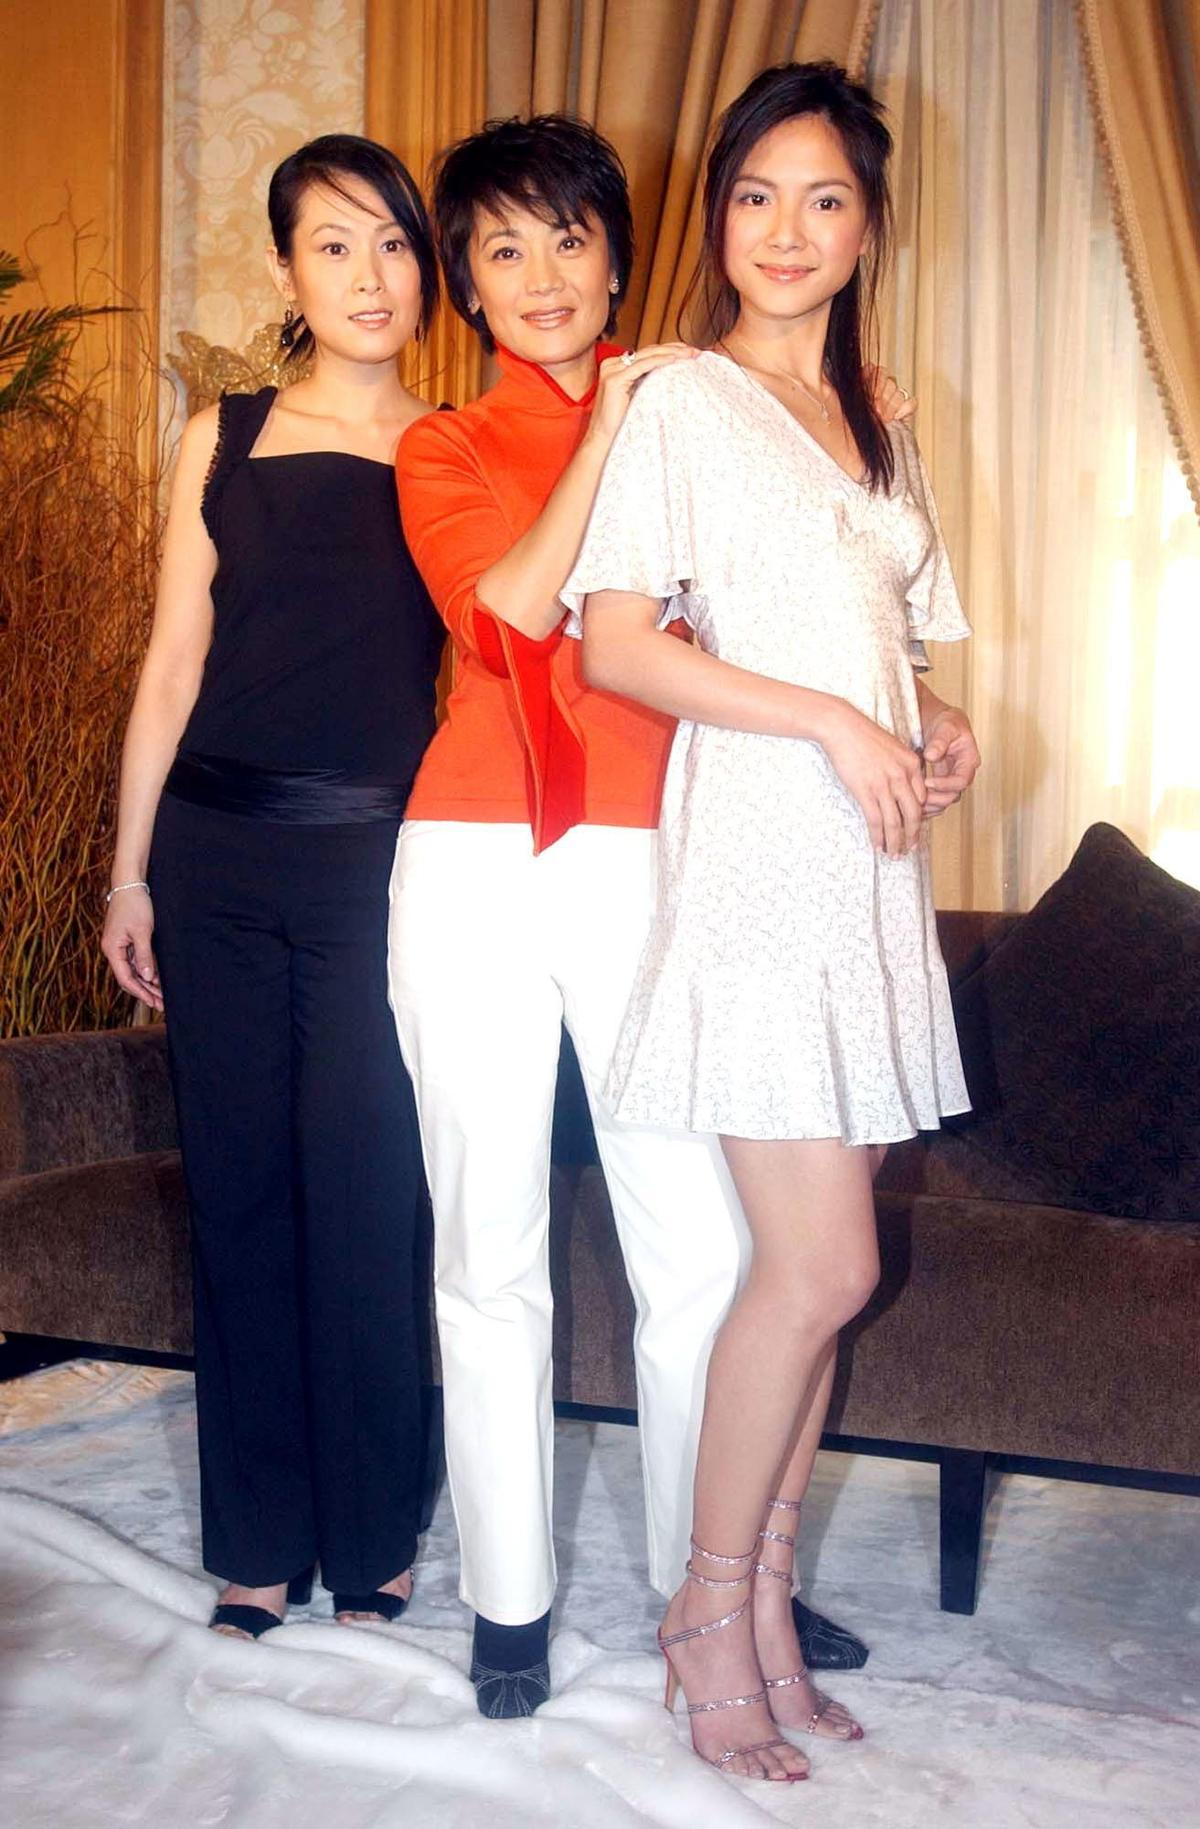 劉若英(左起)、張艾嘉、李心潔2004年為合演的電影《20、30、40》原聲帶宣傳,如今皆已為人母。(東方IC)